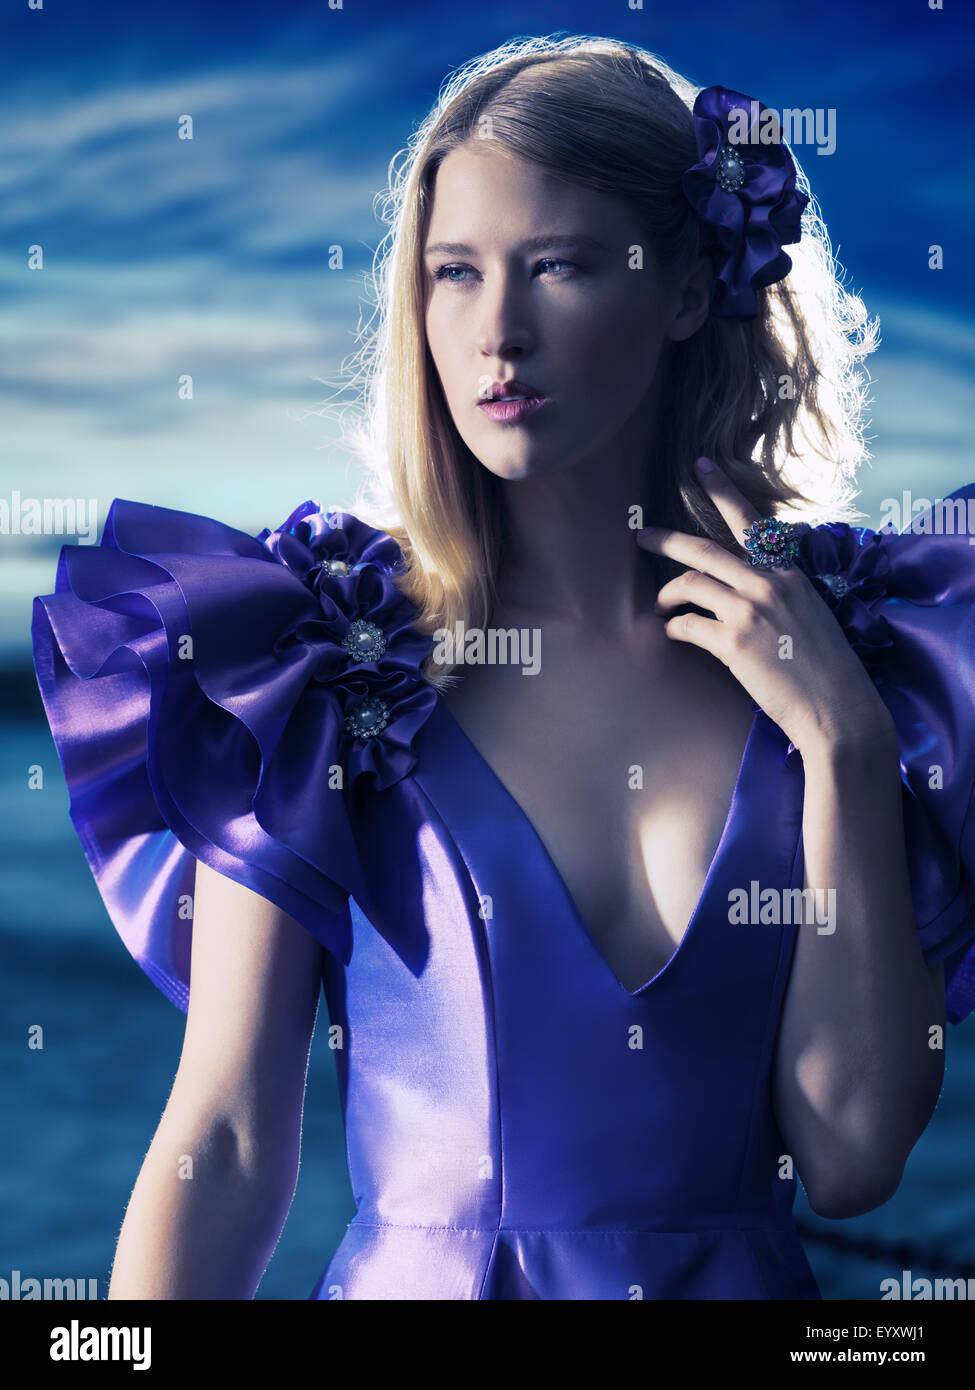 Portrait d'une jeune beauté belle blonde femme portant une robe de soirée à l'extérieur Photo Stock